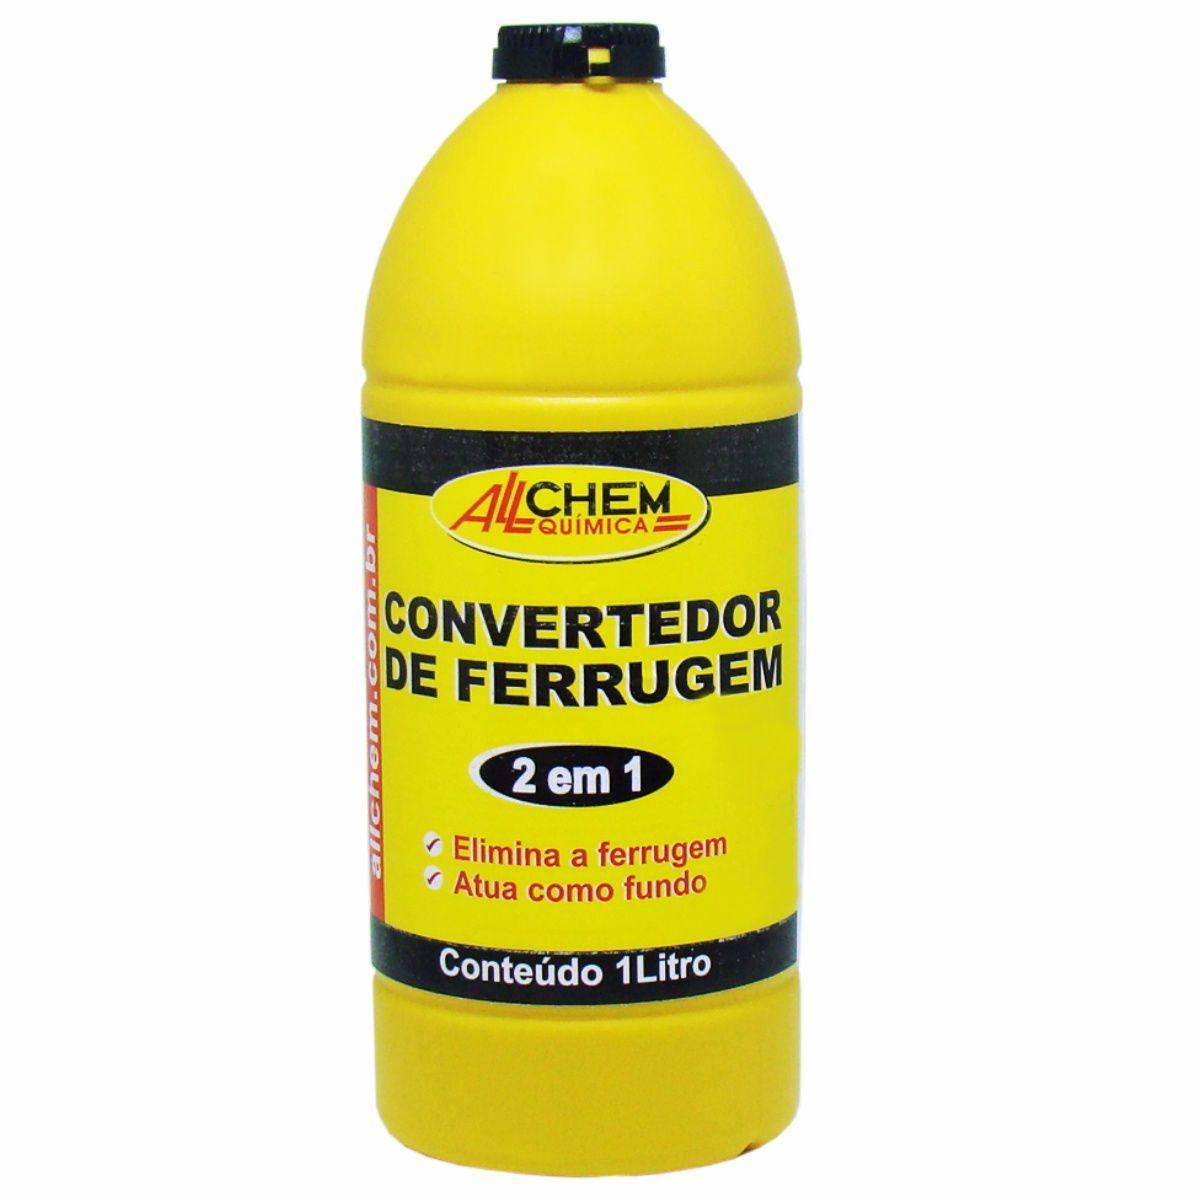 allchem-quimica-convertedor-de-ferrugem